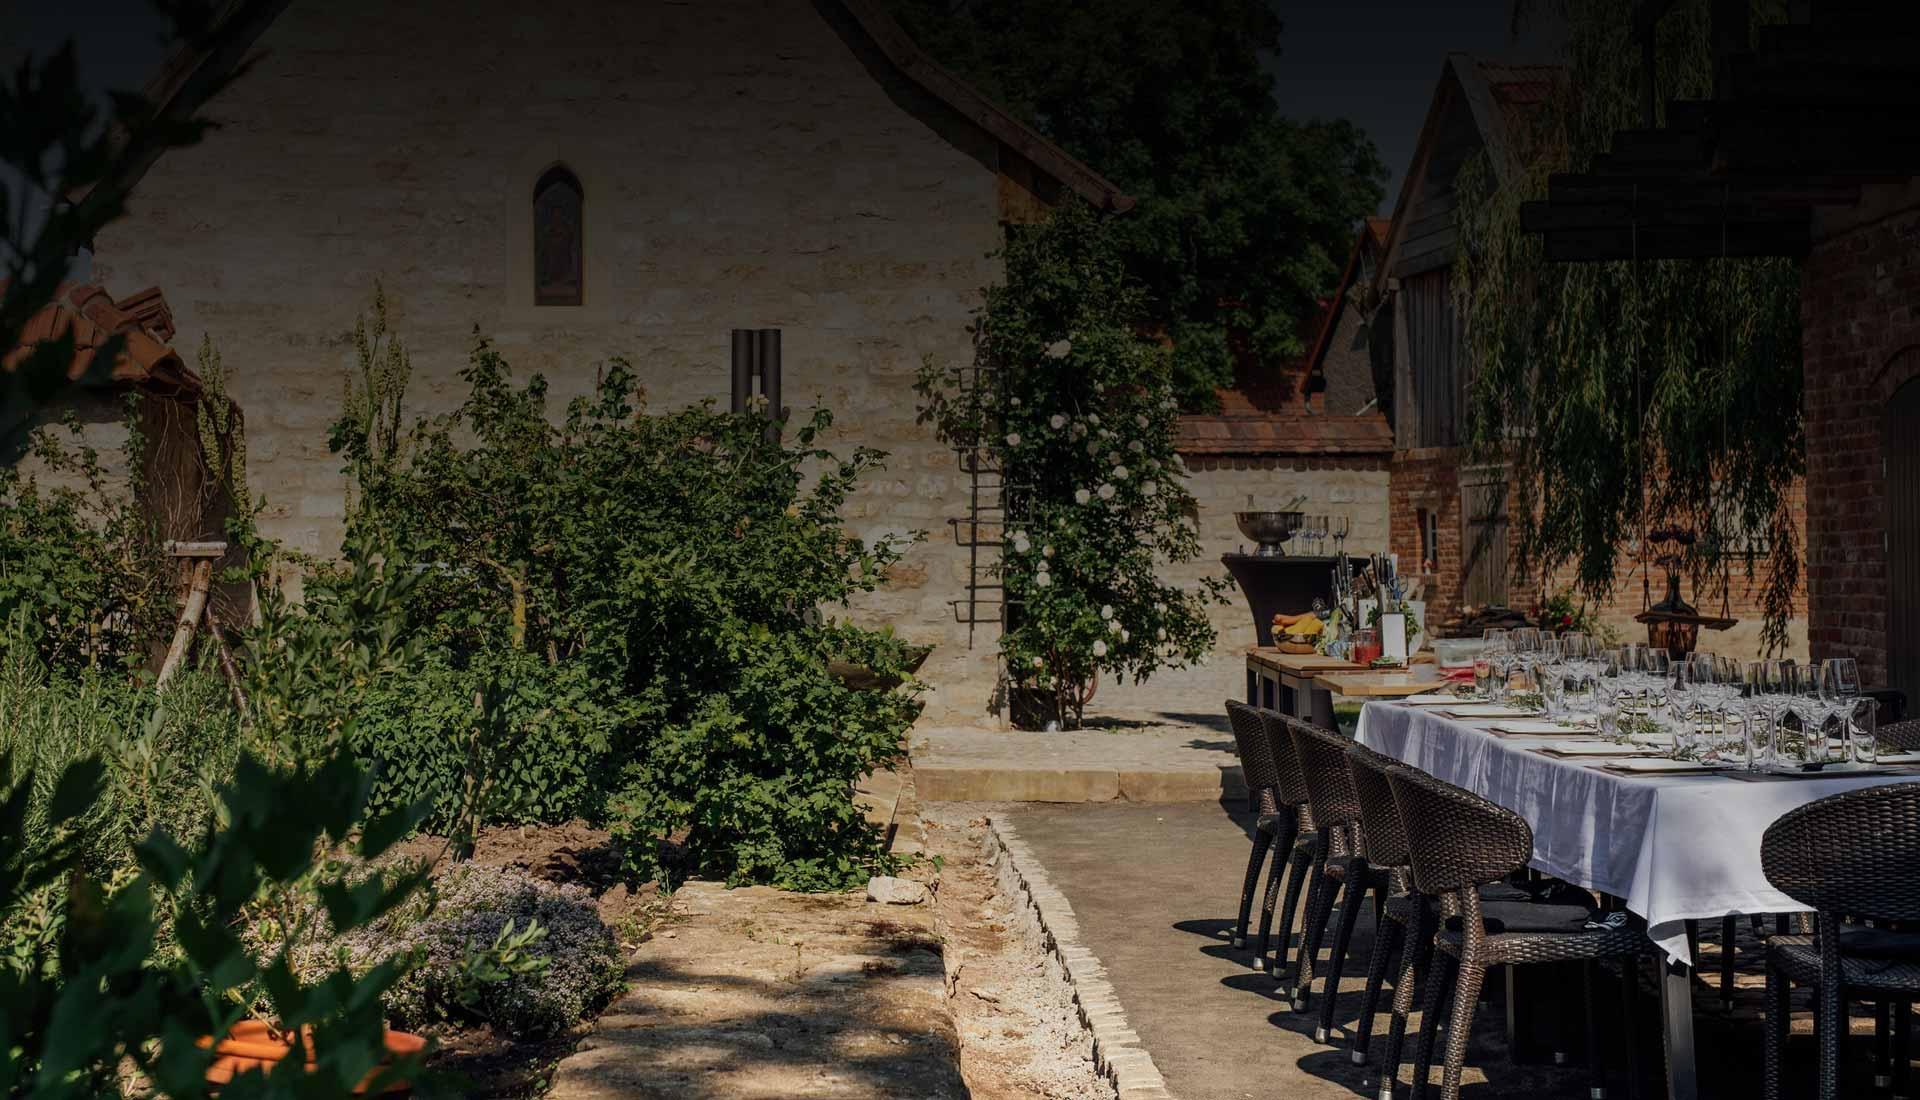 magdalenengut fam po ner hotel restaurant erfurt. Black Bedroom Furniture Sets. Home Design Ideas